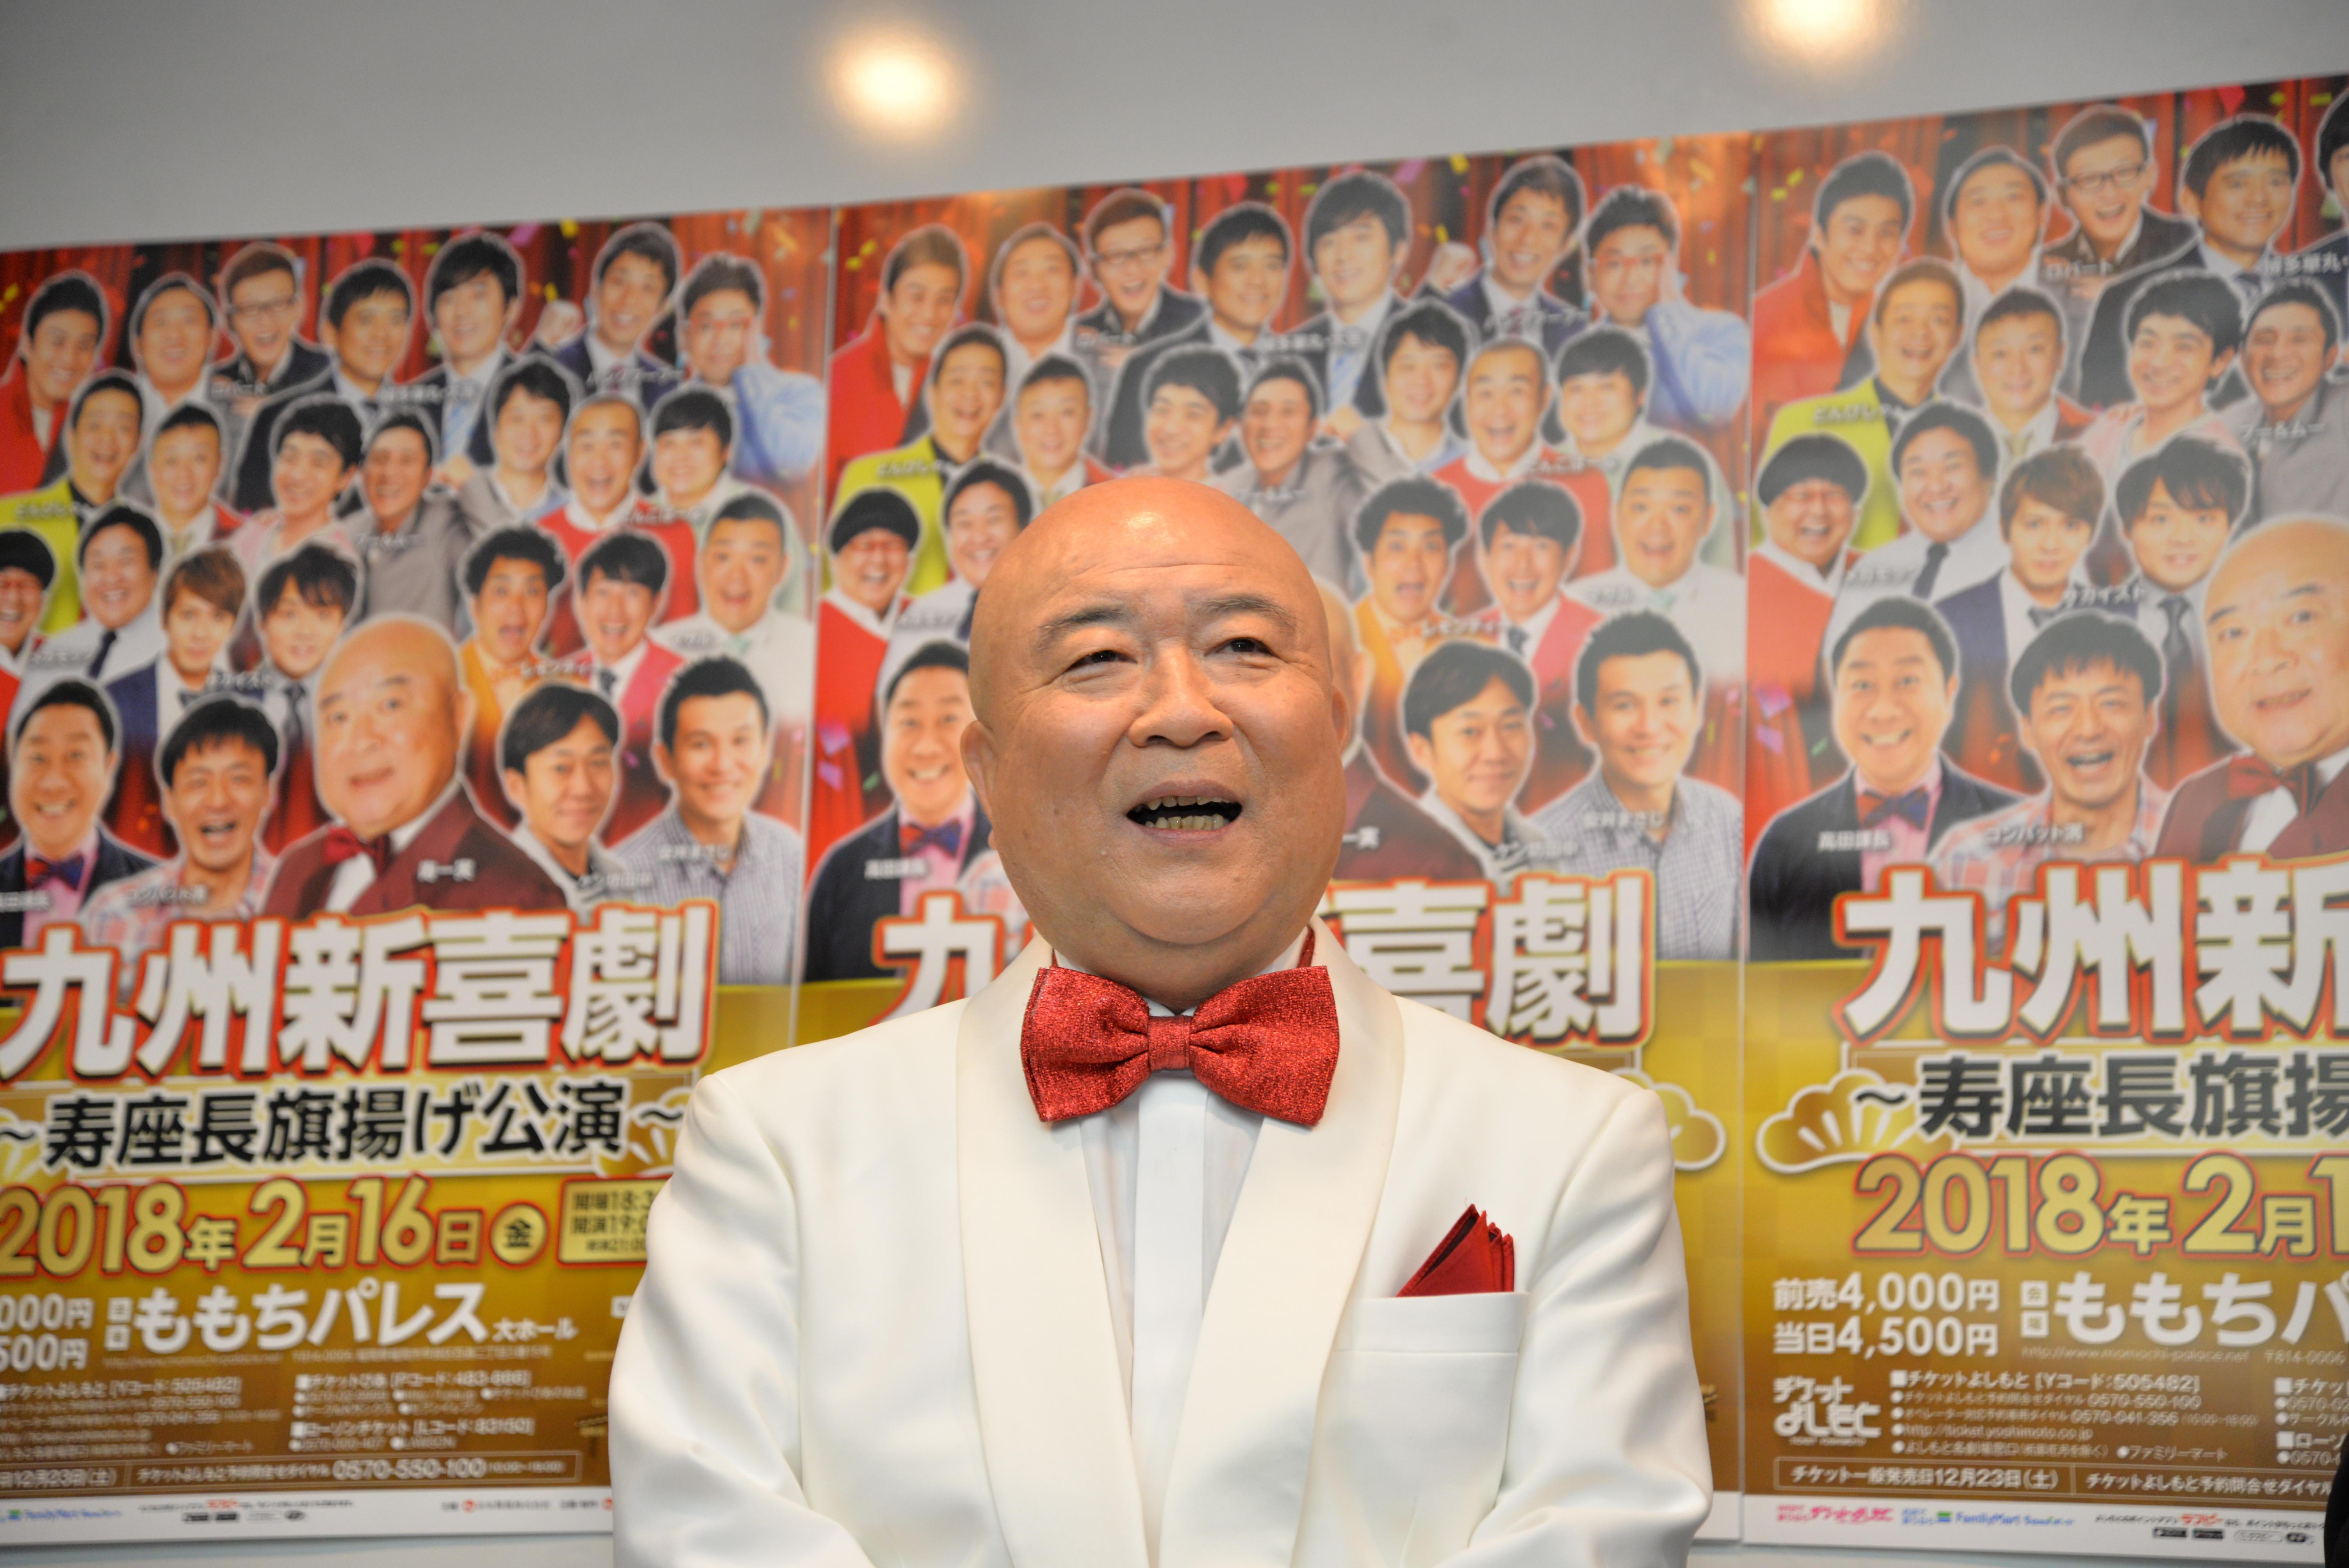 http://news.yoshimoto.co.jp/20171211102232-c3cb0a012bd84ea17af2caac6f9303a5f15b2fbe.jpg